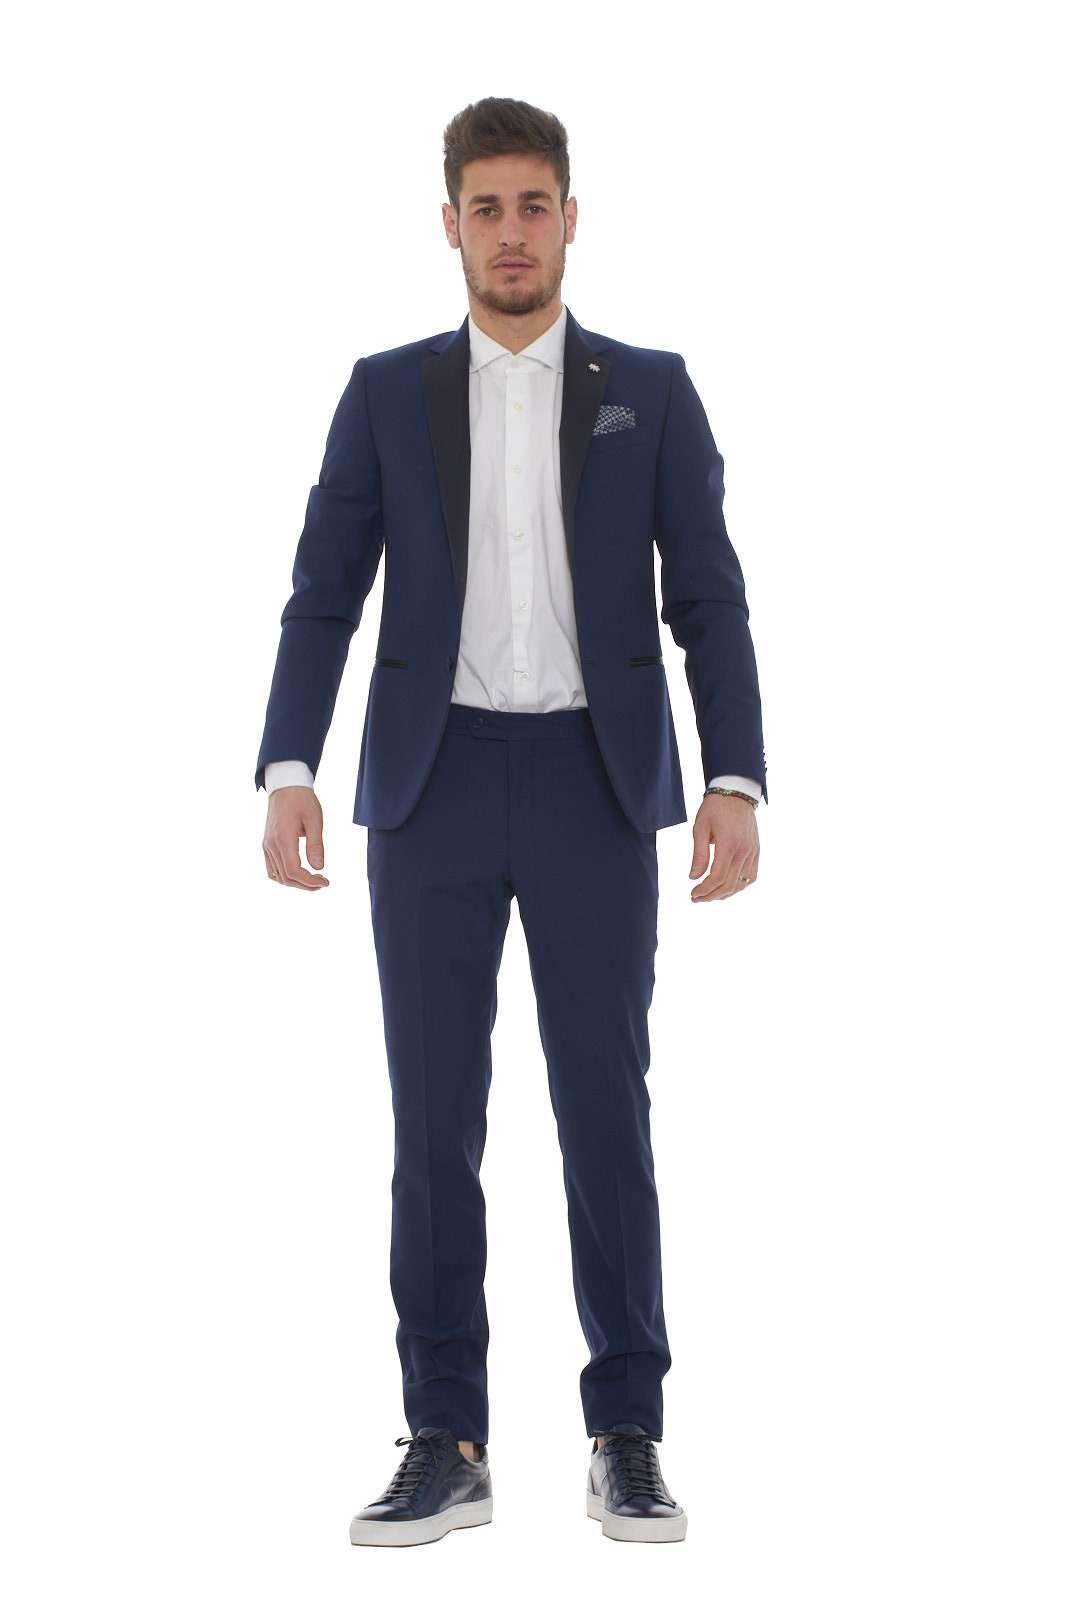 Un abito per le occasioni che richiedono un look speciale, dove non si può lasciare nulla al caso. Questo abito firmato Manuel Ritz è icona di stile ed eleganza, i dettagli in raso arricchiscono un capo che non ha bisogno di presentazioni. Per l'uomo che ama curare il proprio outfit fino al minimo dettaglio. Il modello è alto 1.80m e indossa la taglia 48.